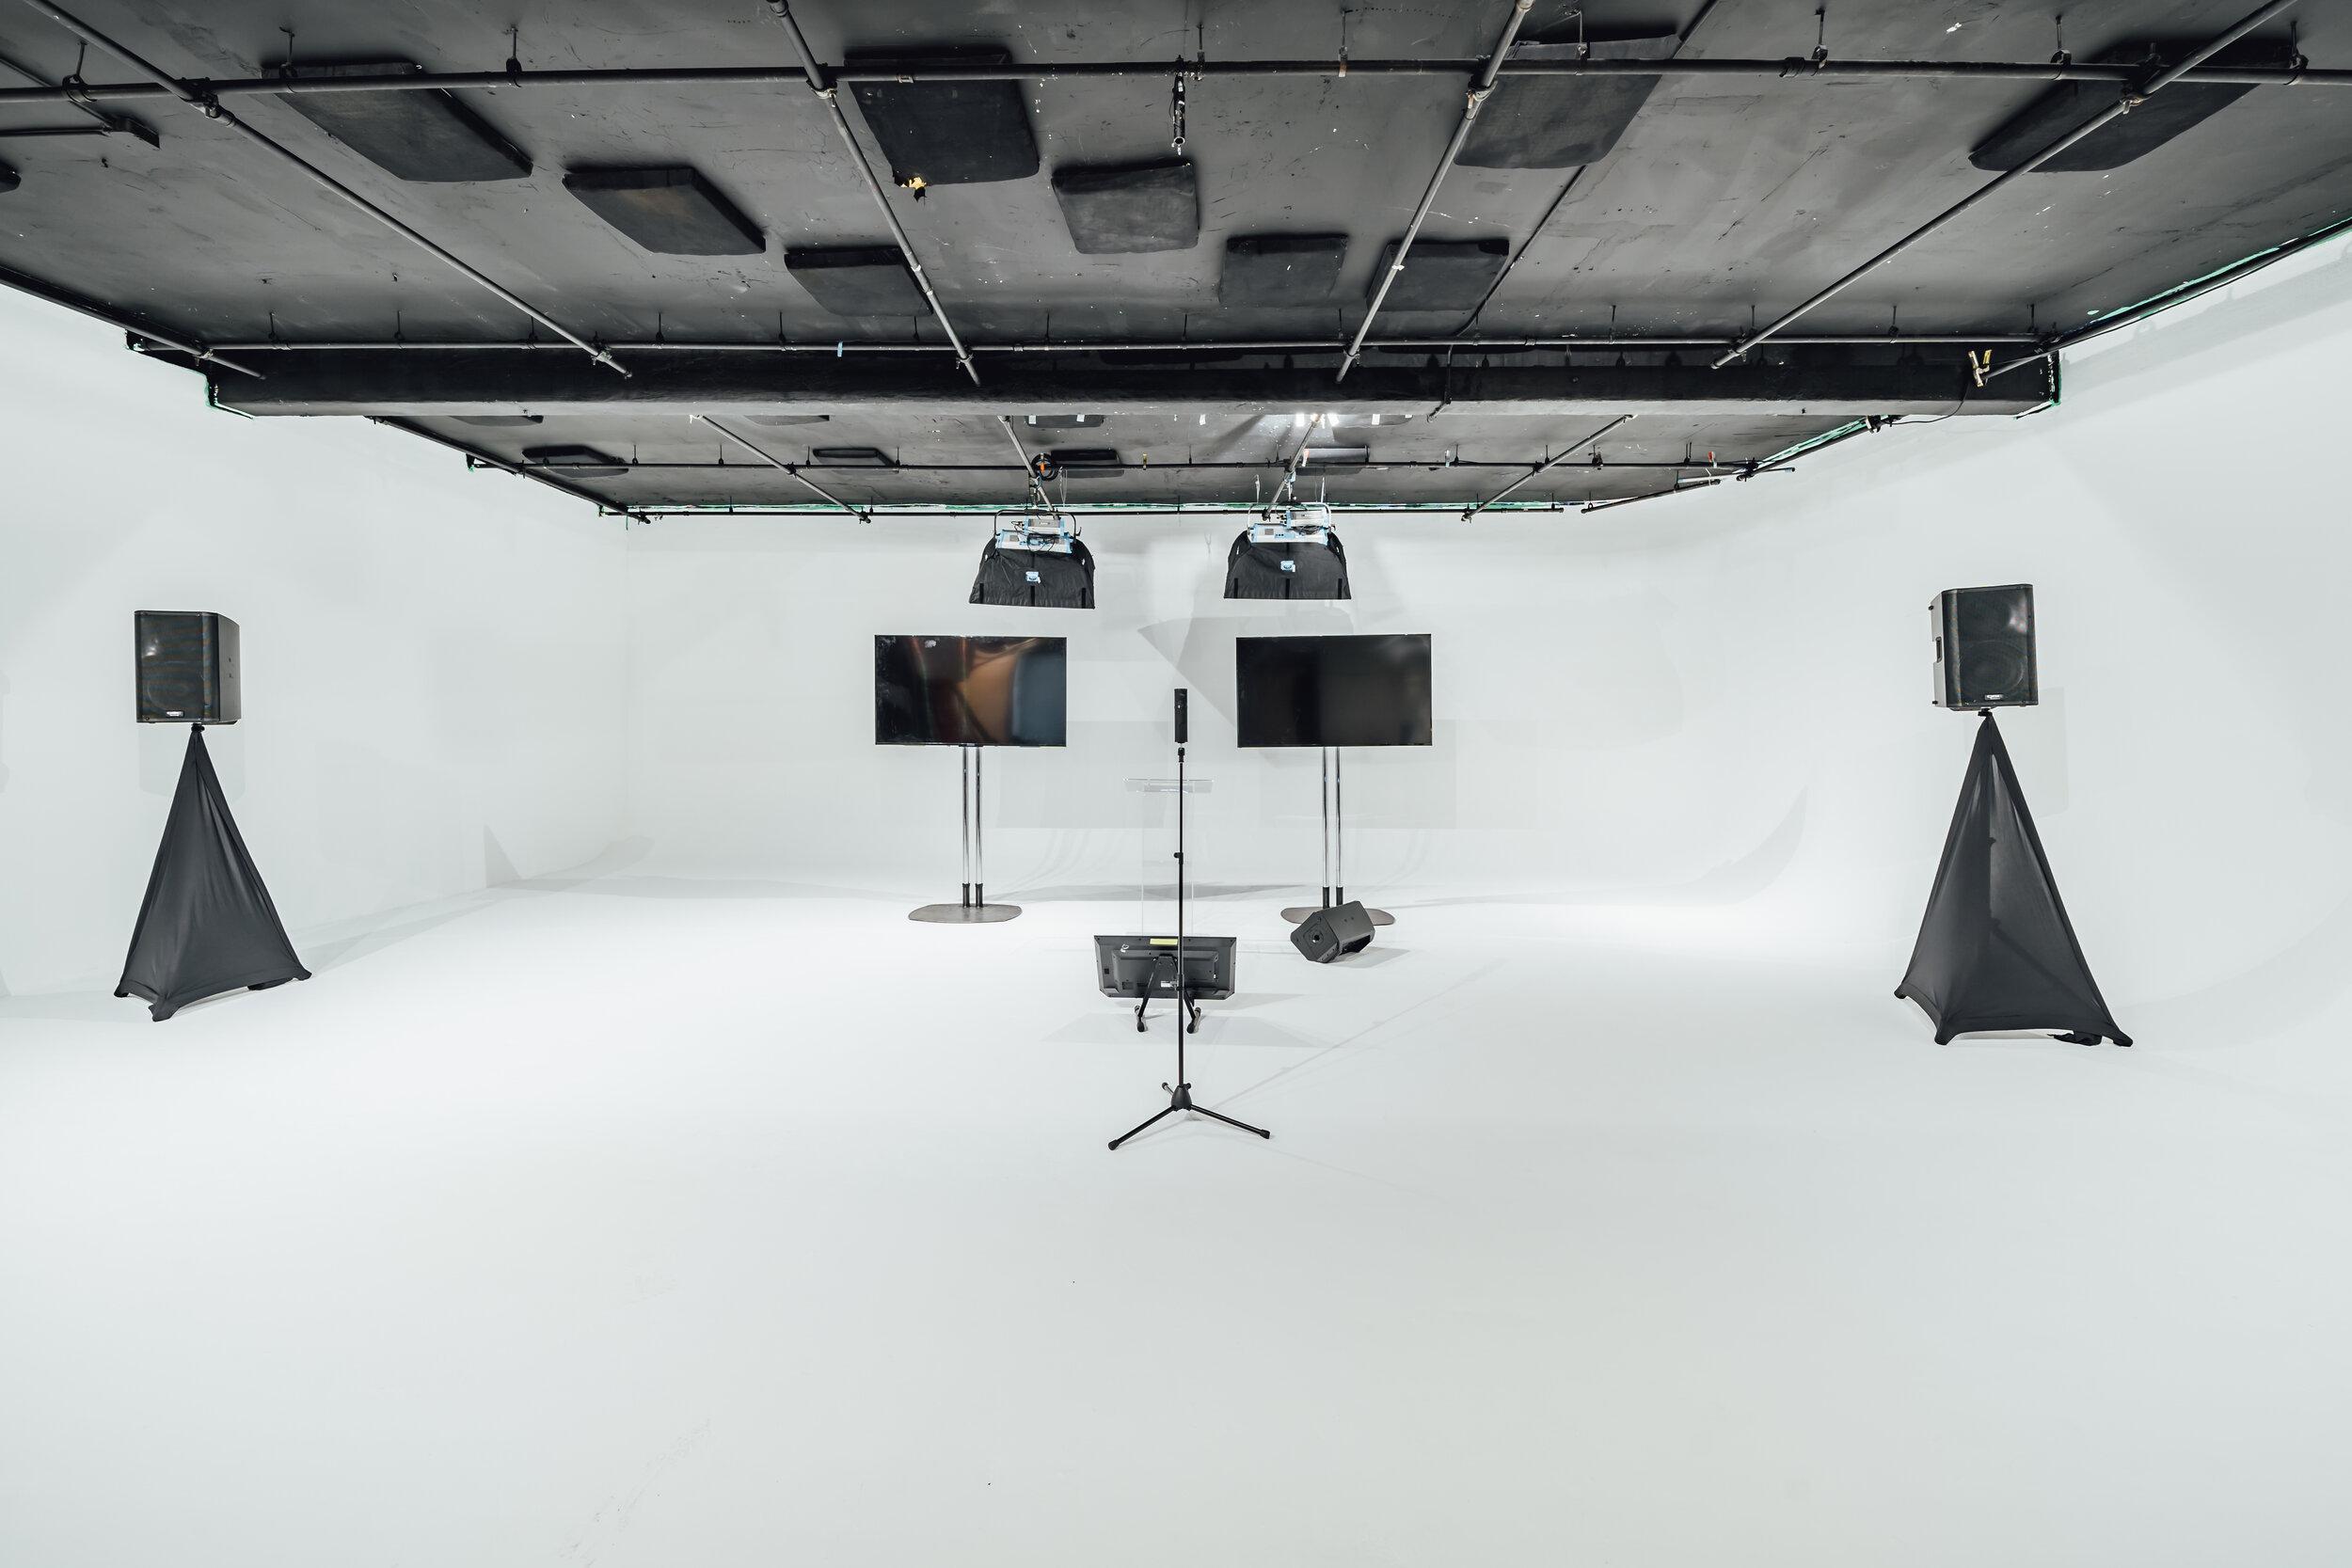 走进直播流在Studio 2设置。